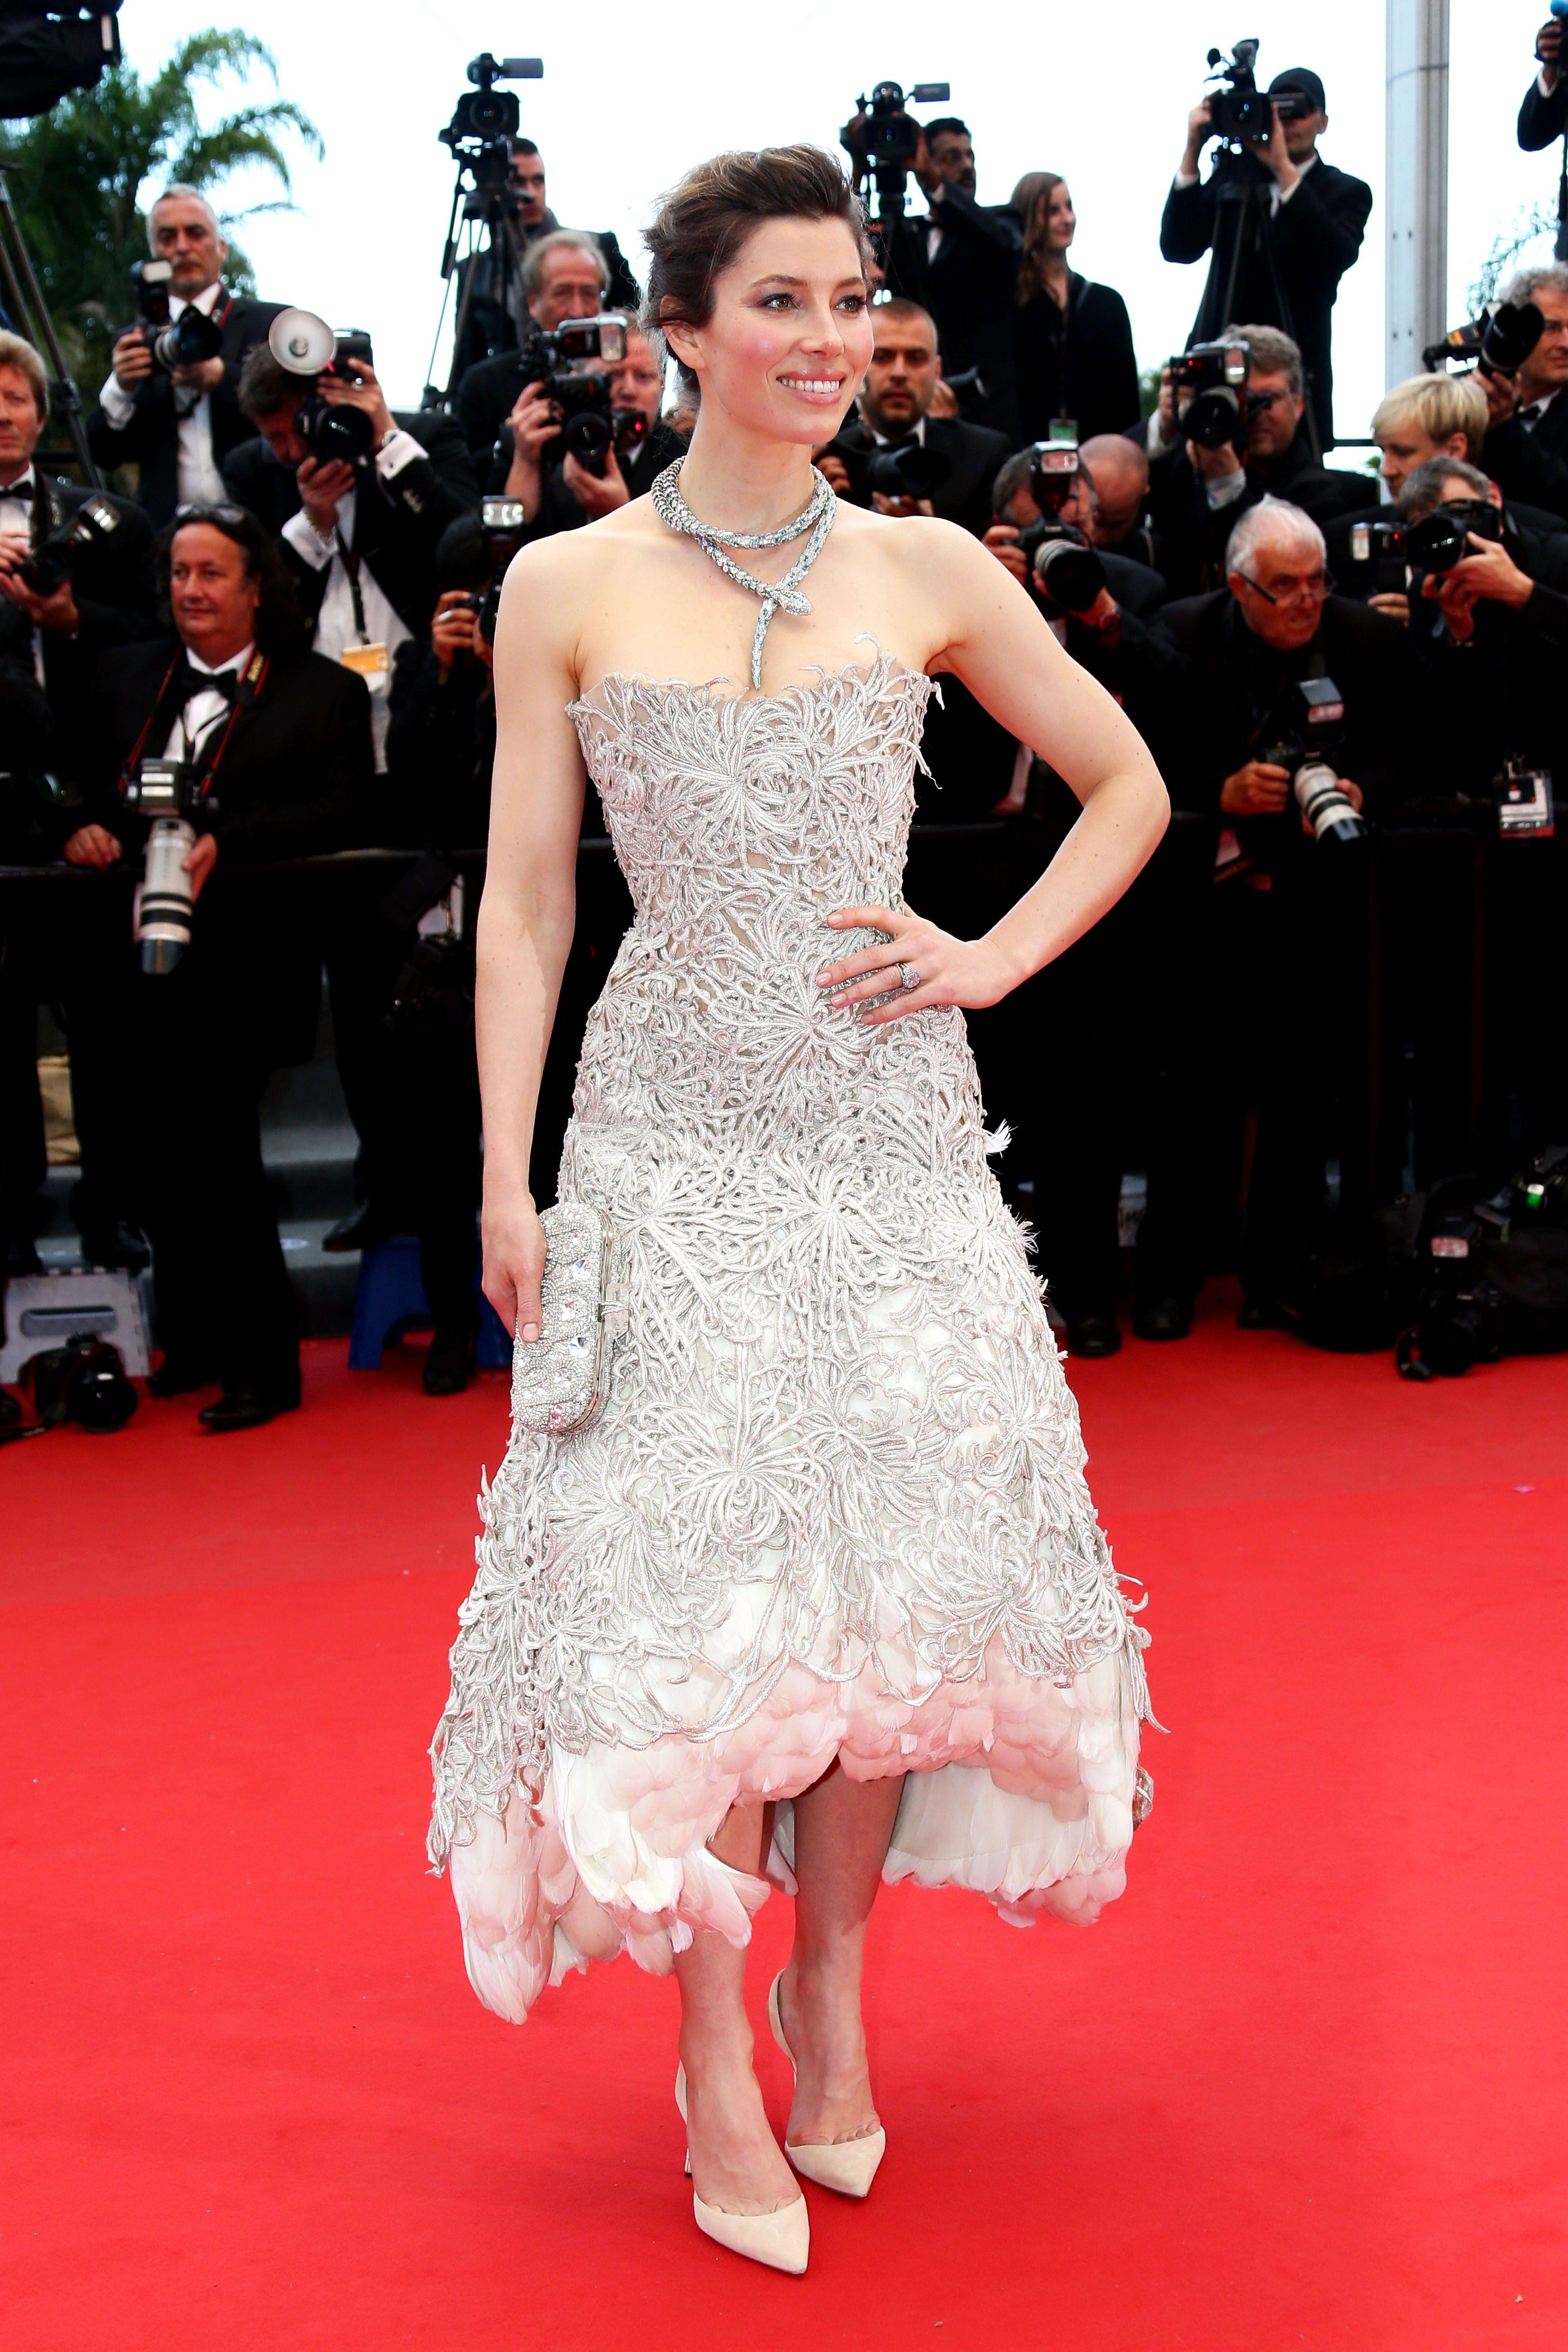 Jessica Biel- Cannes 2013 casi perfecta, salvo el empollamiento al final. Unnecesary.